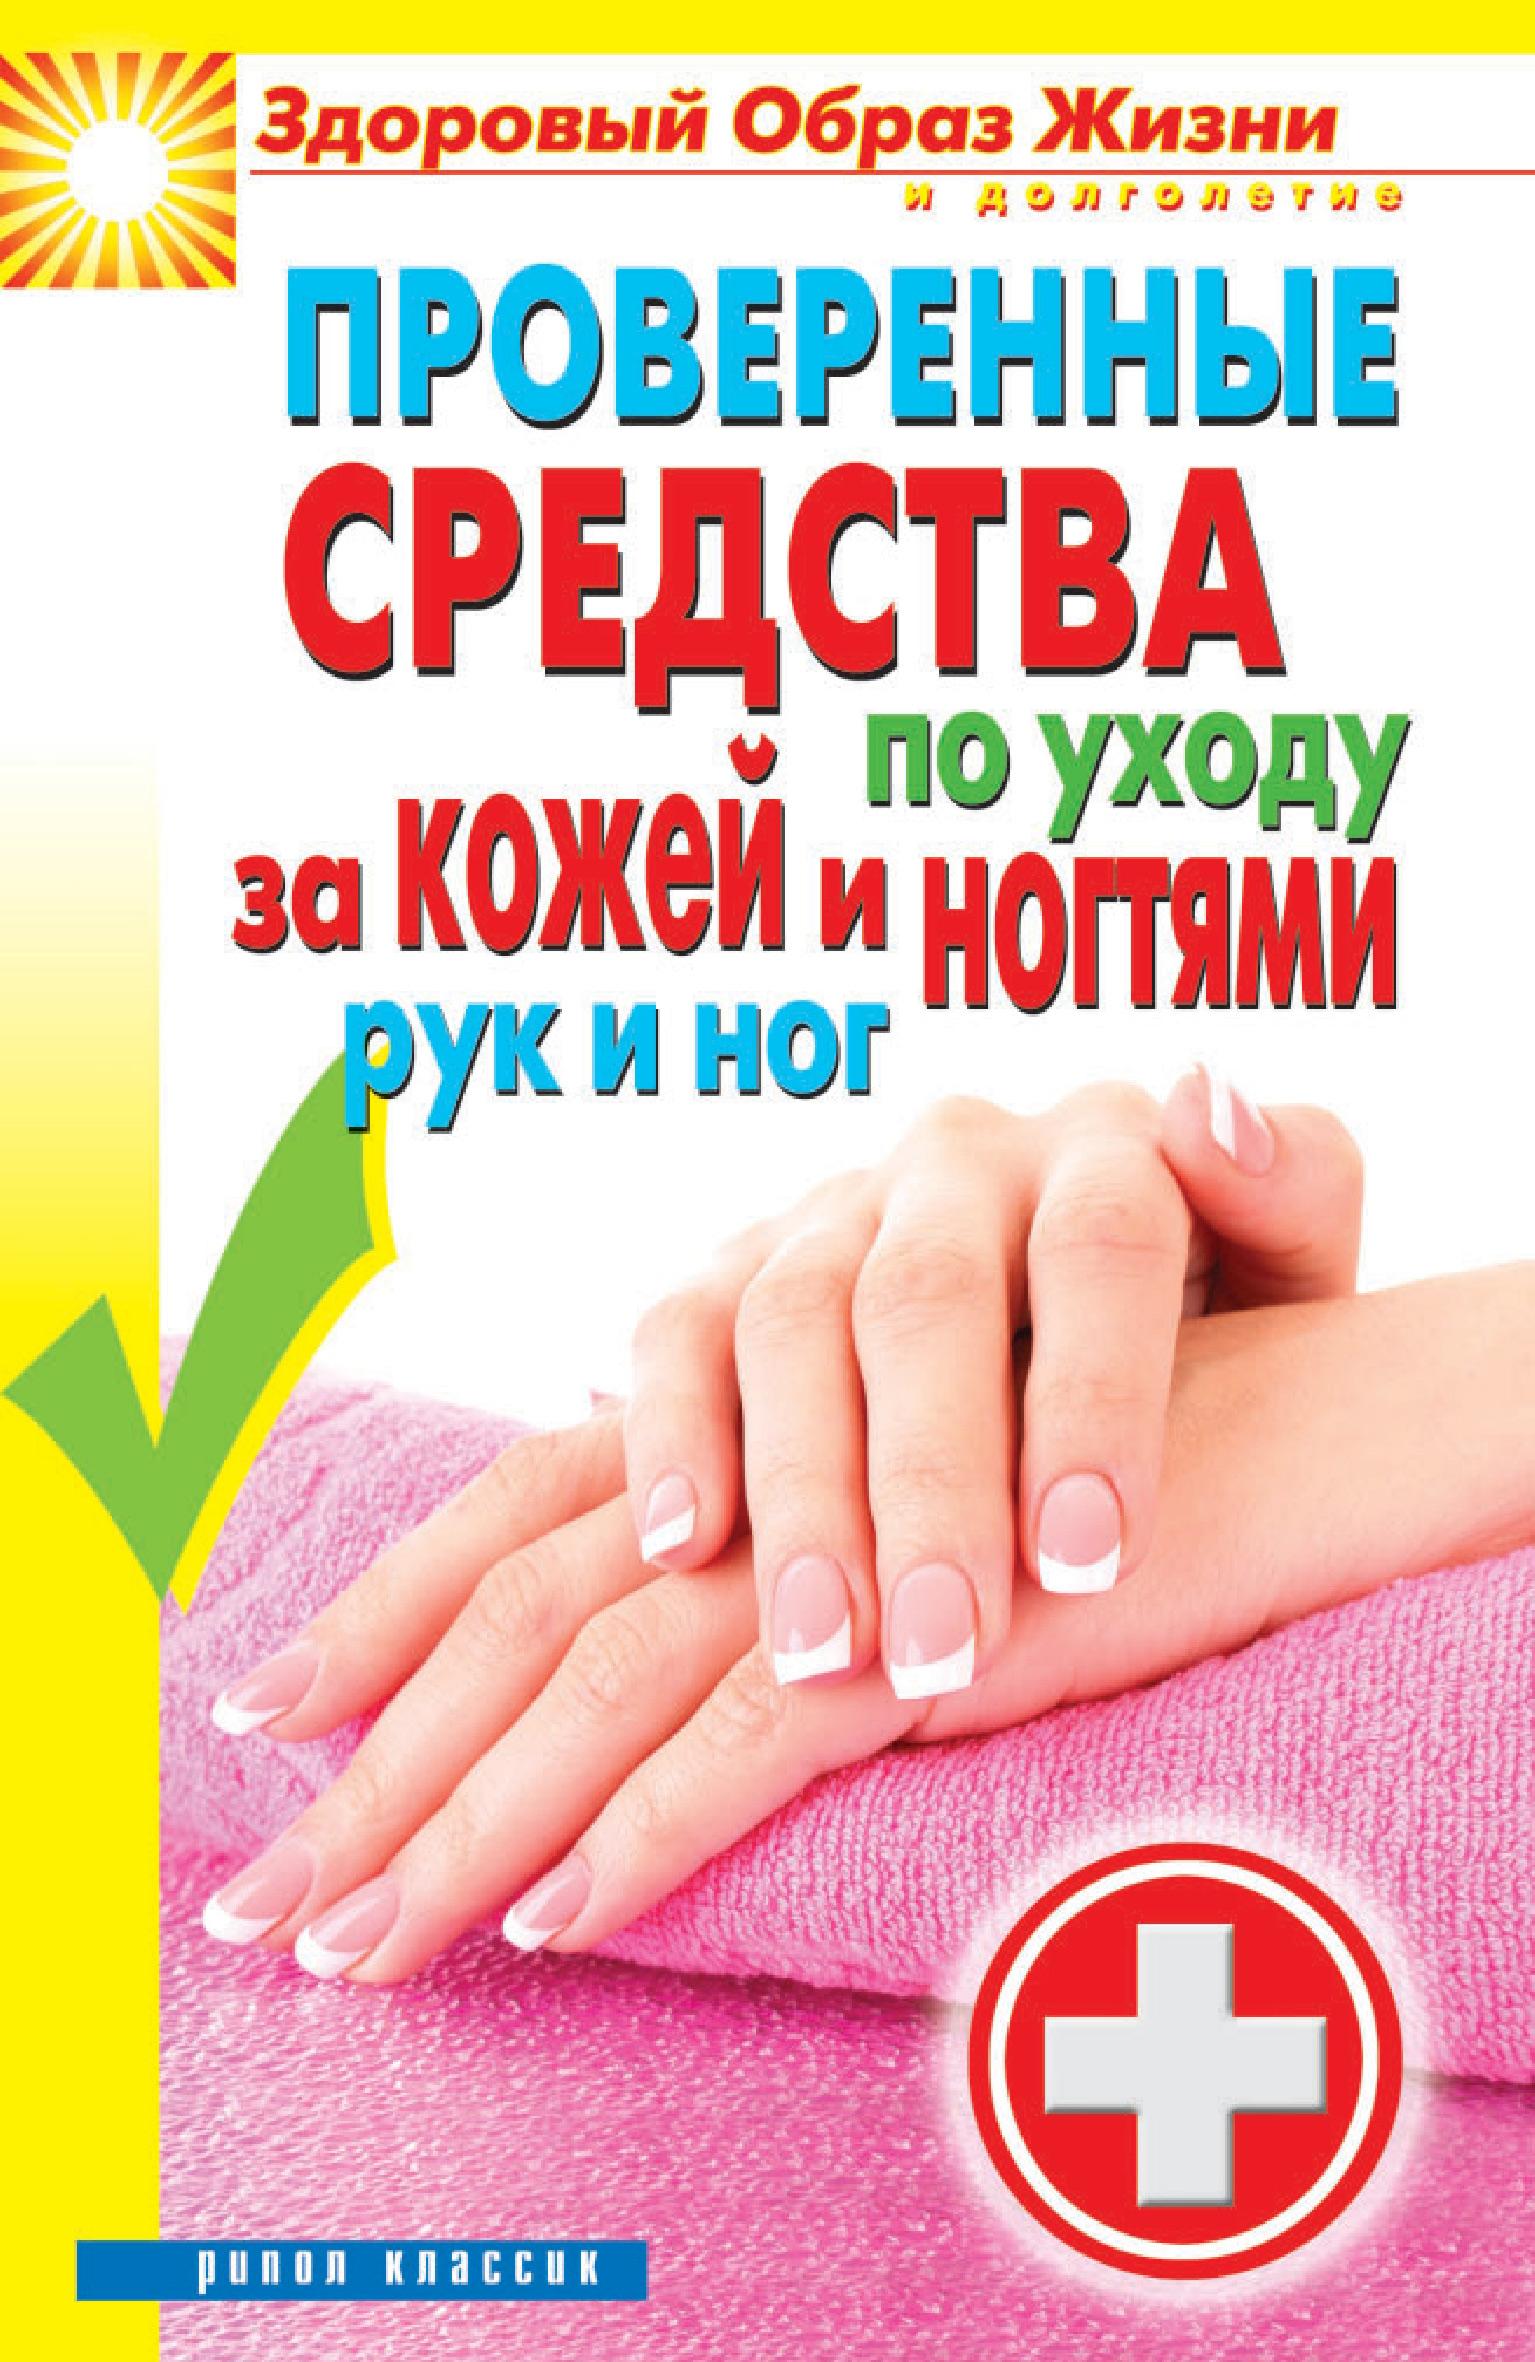 Отсутствует Проверенные средства по уходу за кожей и ногтями рук и ног отсутствует проверенные средства по уходу за кожей и ногтями рук и ног